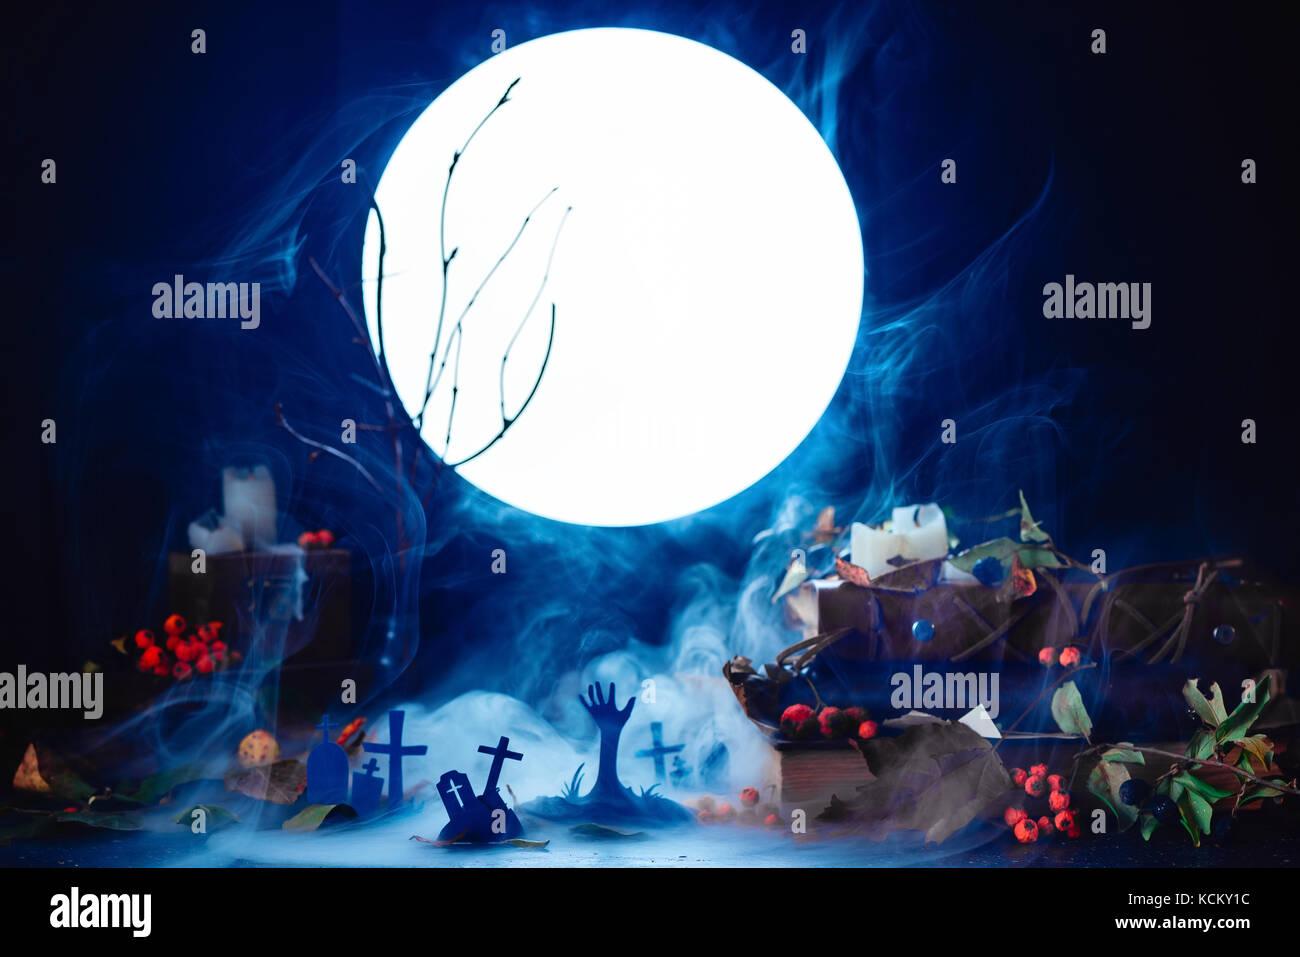 Friedhof mit steigenden Zombies Silhouetten in vollem Mond Licht. Konzeptionelle Halloween Stillleben mit Rauch, Stockbild